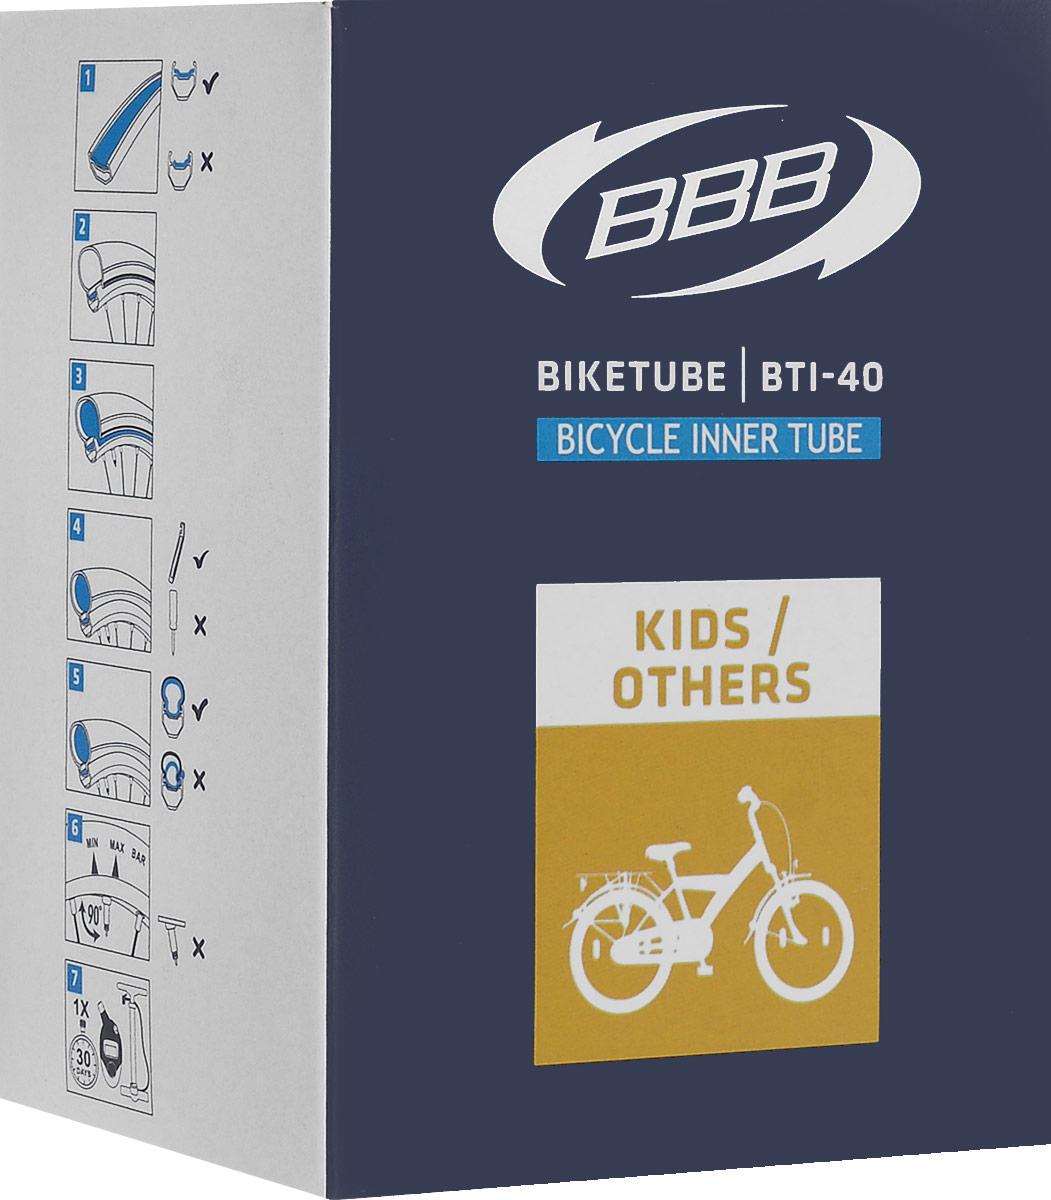 Камера велосипедная BBB, диаметр 24BTI-40Камера BBB изготовлена из долговечного резинового компаунда. Никаких швов, которые могут пропускать воздух. Достаточно большая для защиты от проколов и достаточно небольшая для снижения веса. Велосипедные камеры - обязательный атрибут каждого велосипедиста! Никогда не выезжайте из дома на велосипеде, не взяв с собой запасную велосипедную шину! Диаметр колеса: 24. Допустимый размер сечения покрышки: 1. Ниппель: AV 40 мм. Толщина стенки: 0,87 мм. Категория: универсальная.